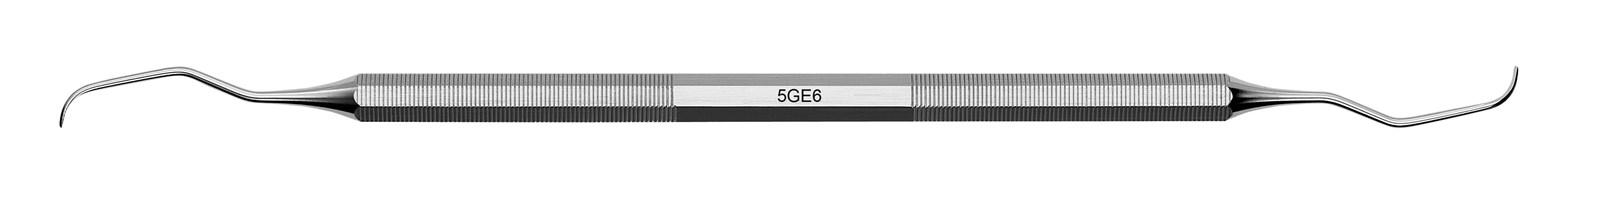 Kyreta Gracey Classic - 5GE6, ADEP silikonový návlek růžový